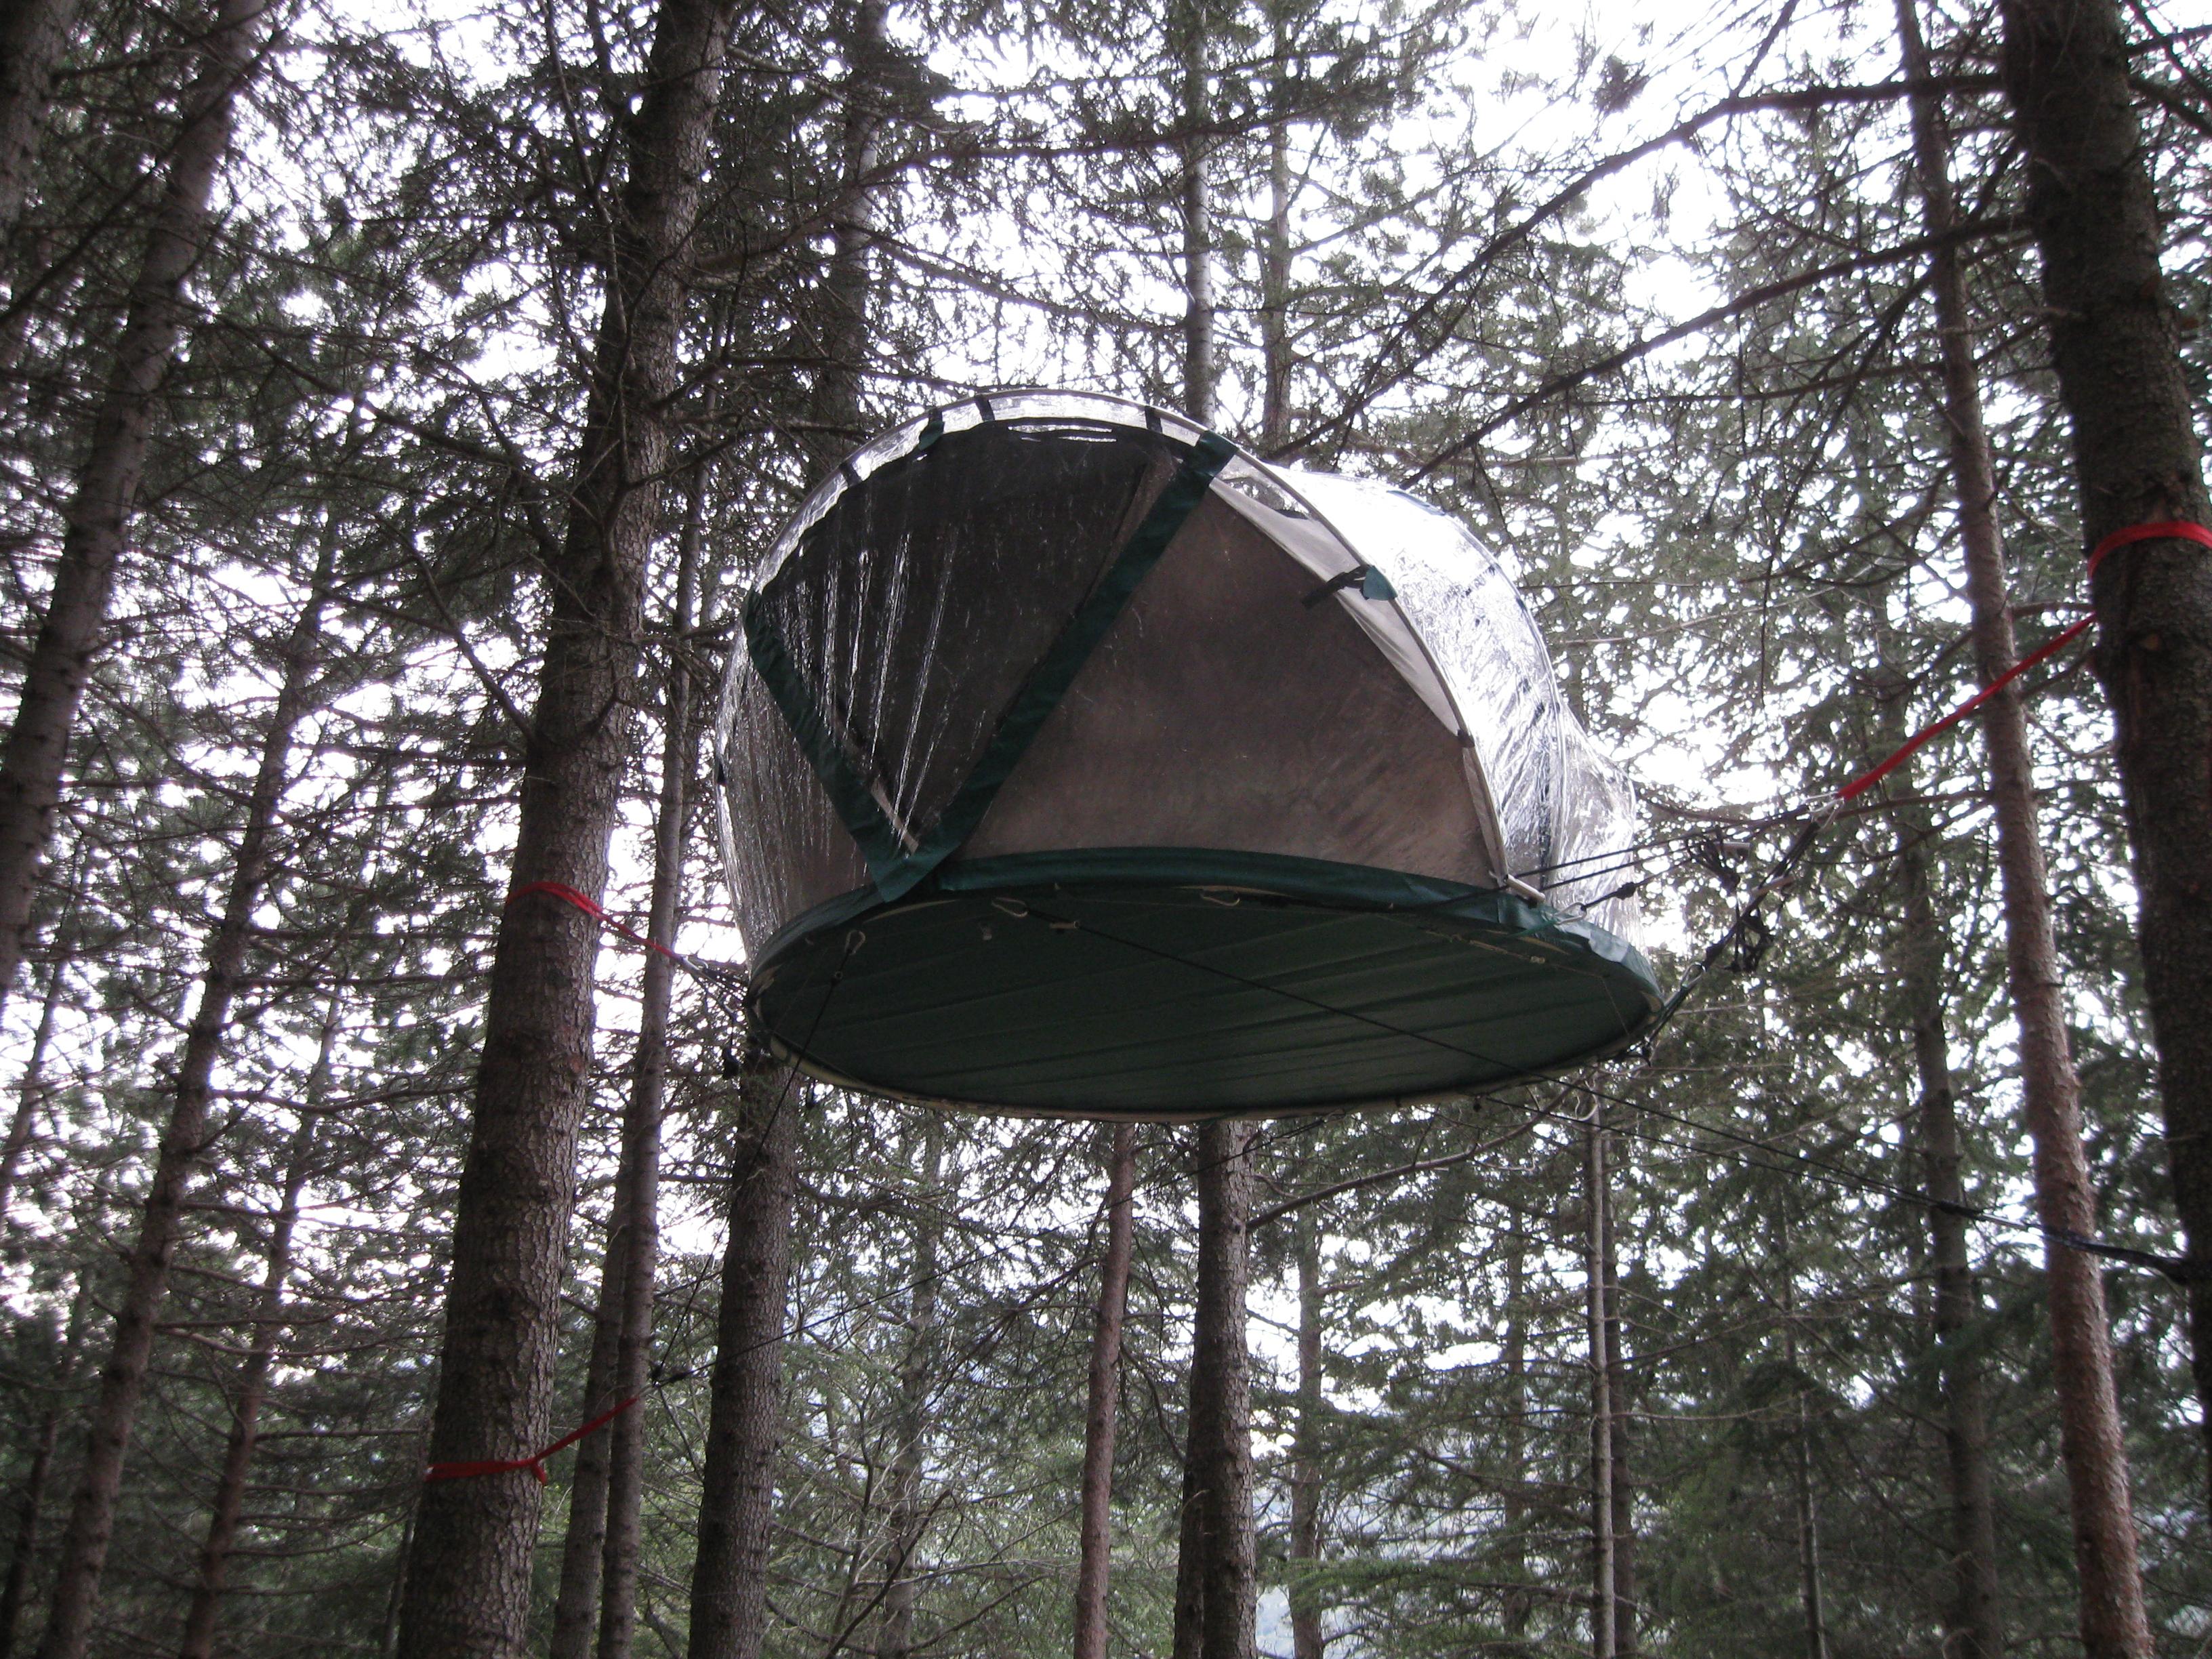 Tenda sospesa 6 metri